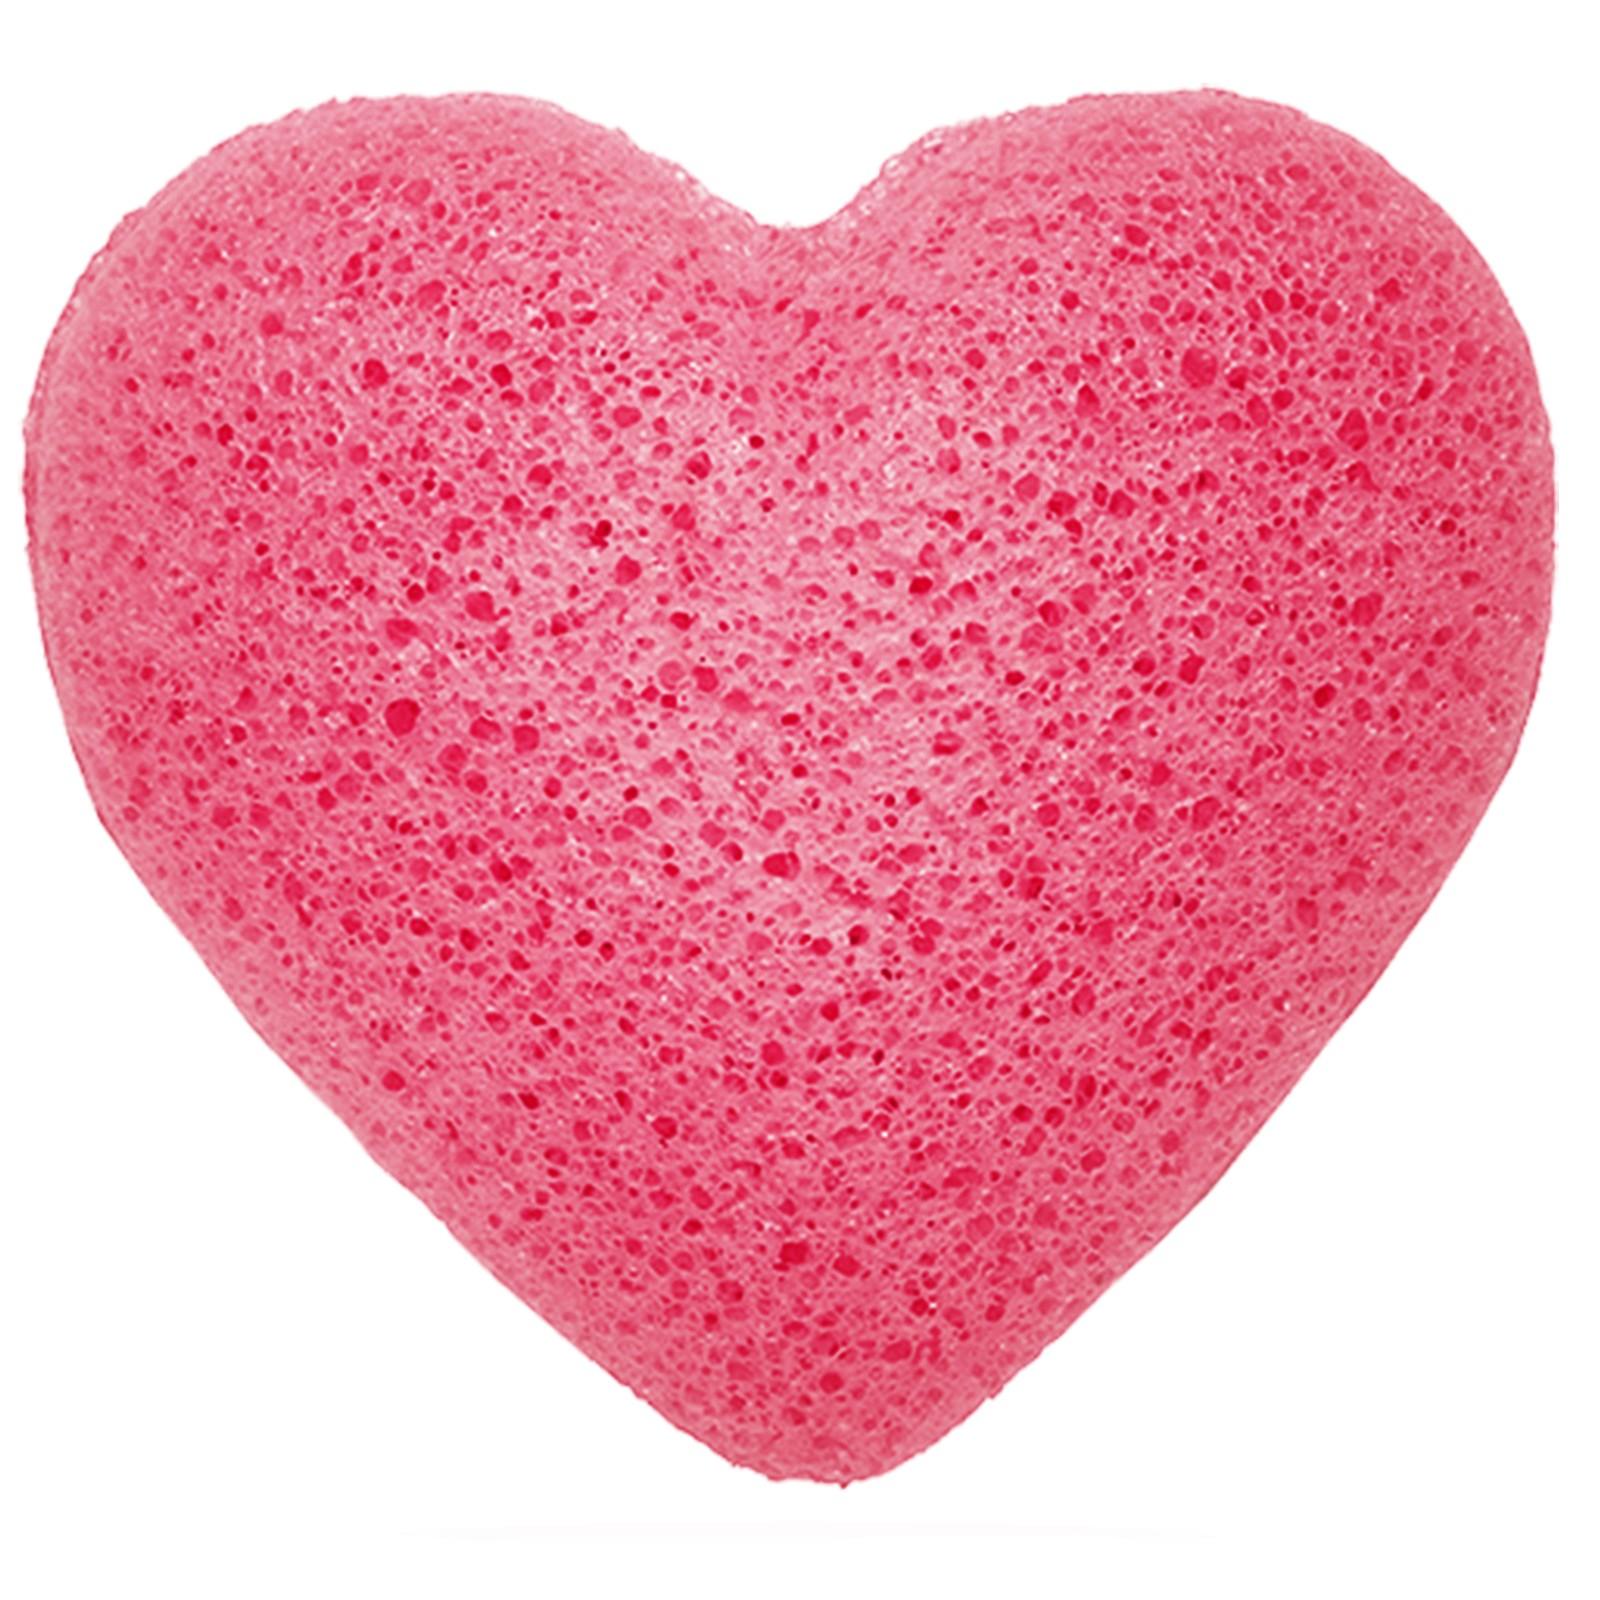 Konjac Heart Sponge Rose